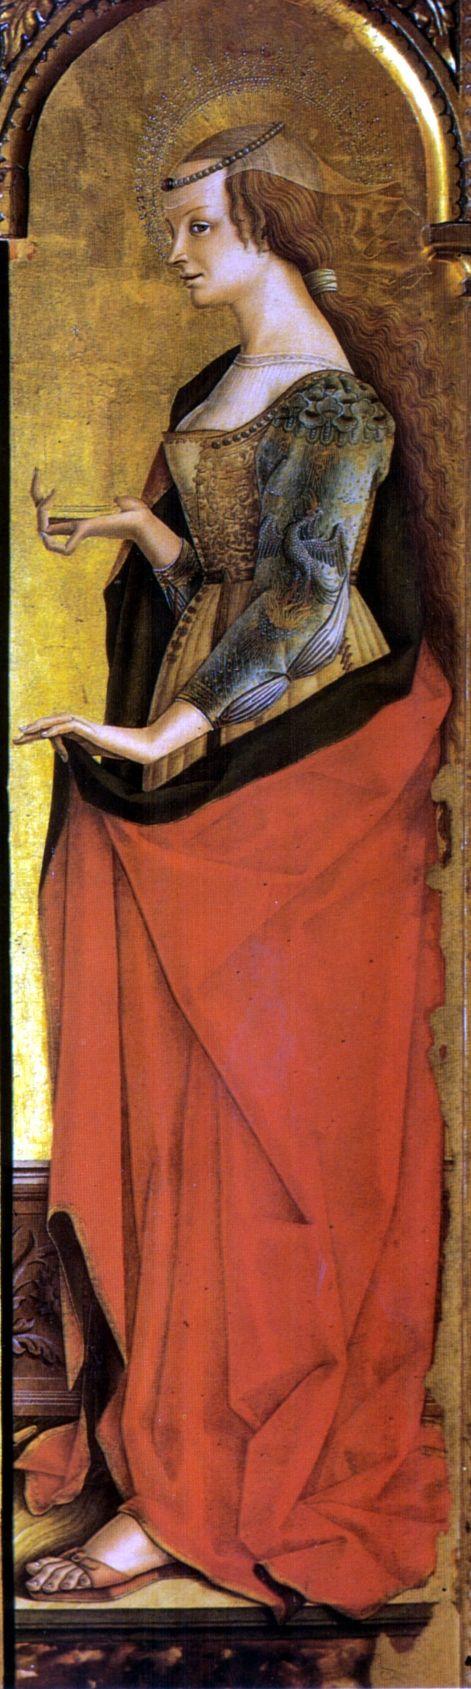 ❤ - CARLO CRIVELLI (1435 – 1495) - Polittico di Montefiore (dettaglio) - Maria Maddalena. Chiesa di Santa Lucia, Montefiore dell'Aso.